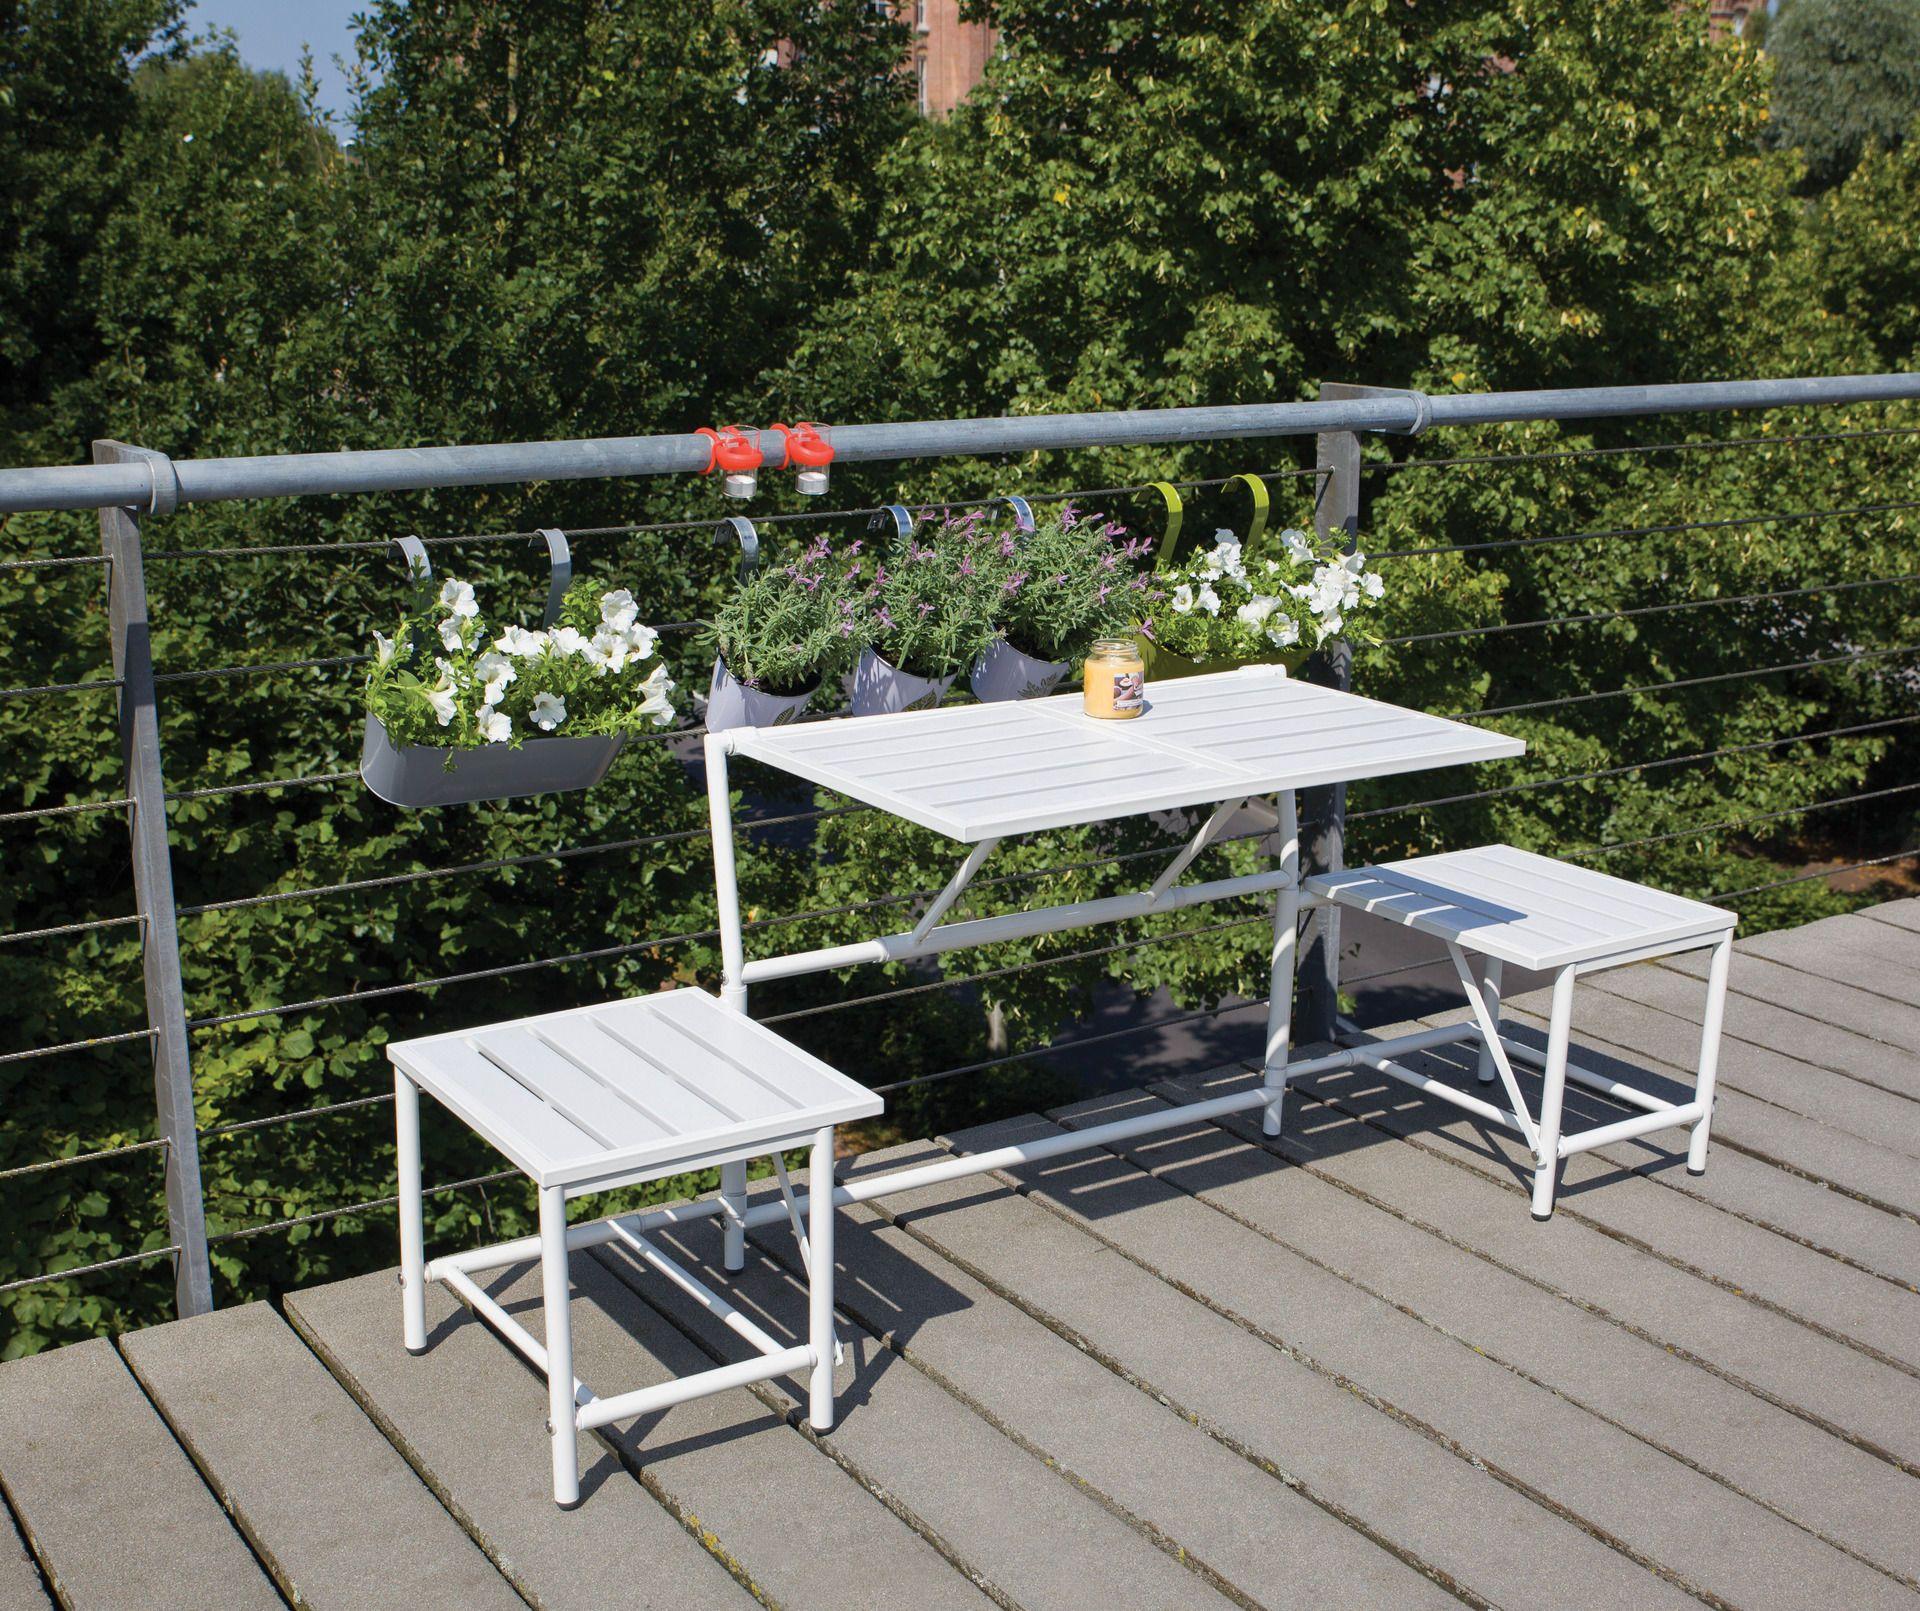 Full Size of Ideen Fr Kleine Balkone Bauemotionde Ikea Küche Kosten Fenster Sichtschutz Garten Sichtschutzfolie Holz Einseitig Durchsichtig Miniküche Sichtschutzfolien Wohnzimmer Sichtschutz Balkon Ikea